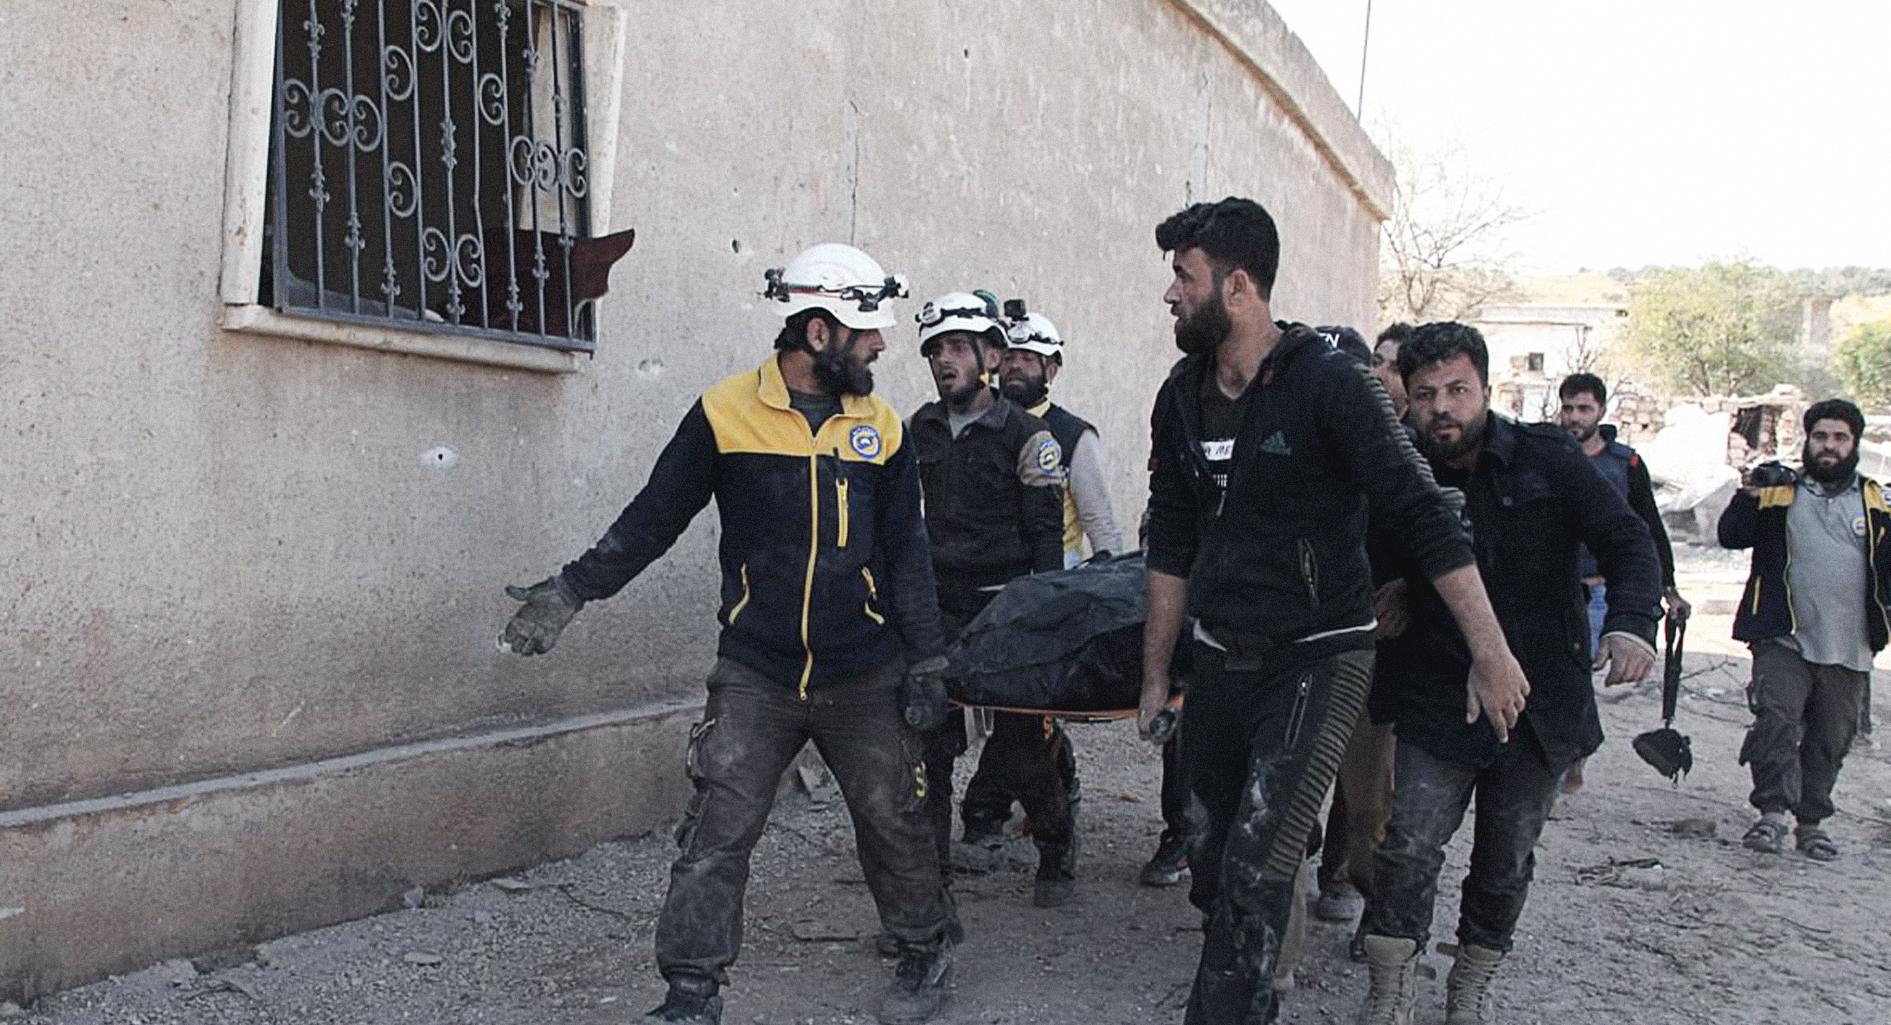 صورة النظام السوري يؤمن عودة ١٥ نازحاً على الأقل إلى دارهم الآخرة